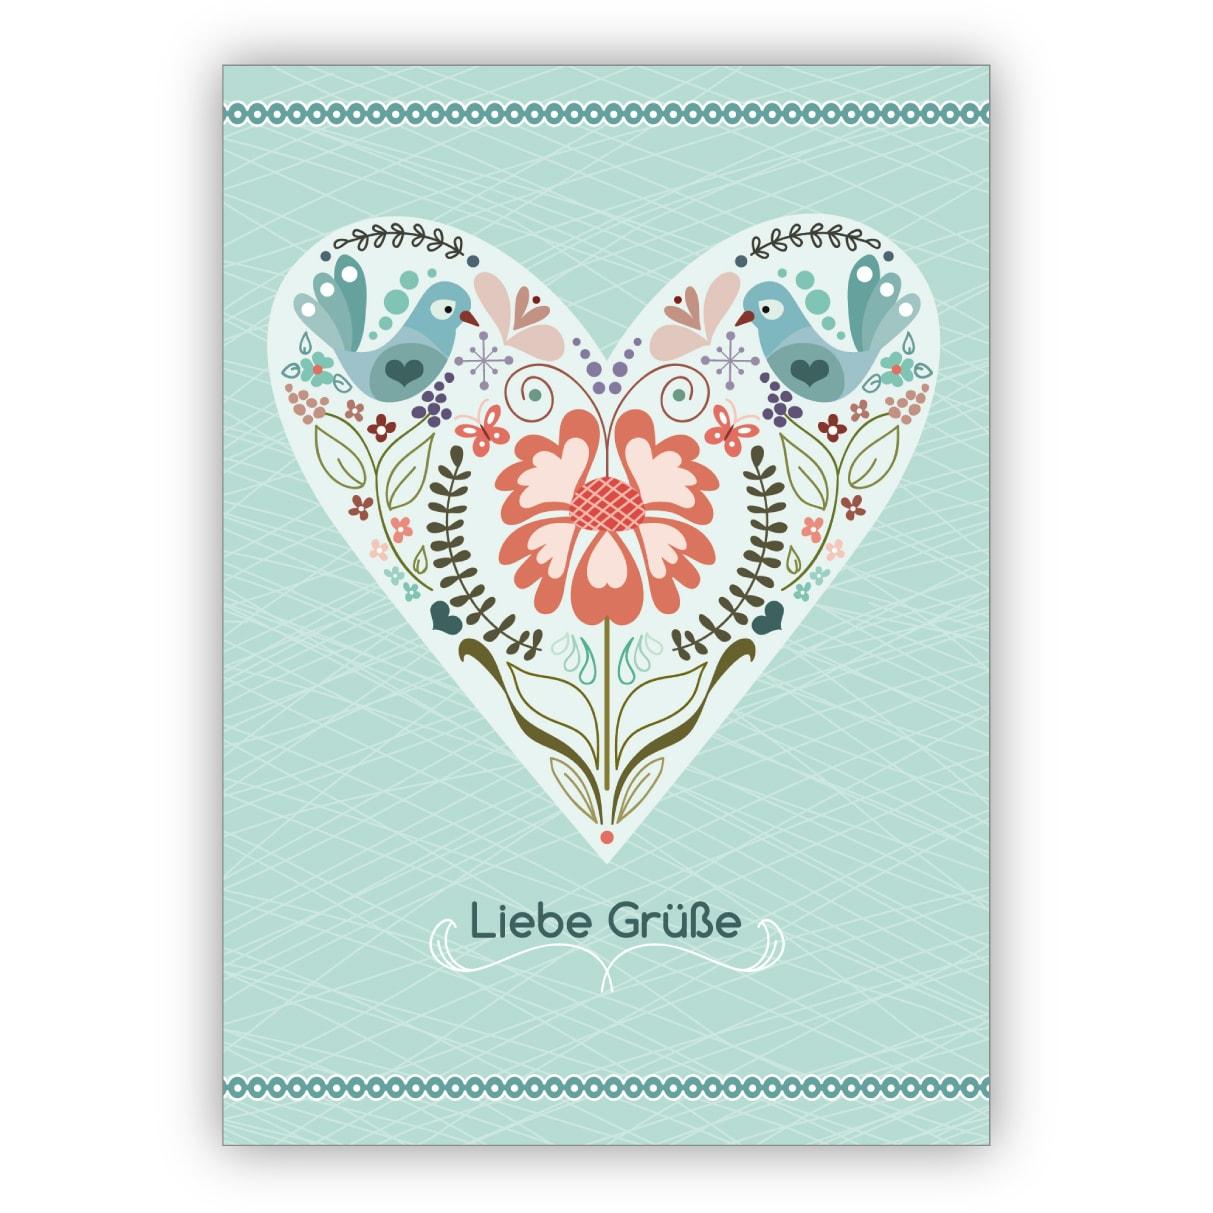 Schöne Grußkarte mit Herz im Folklore Stil: Liebe Grüße